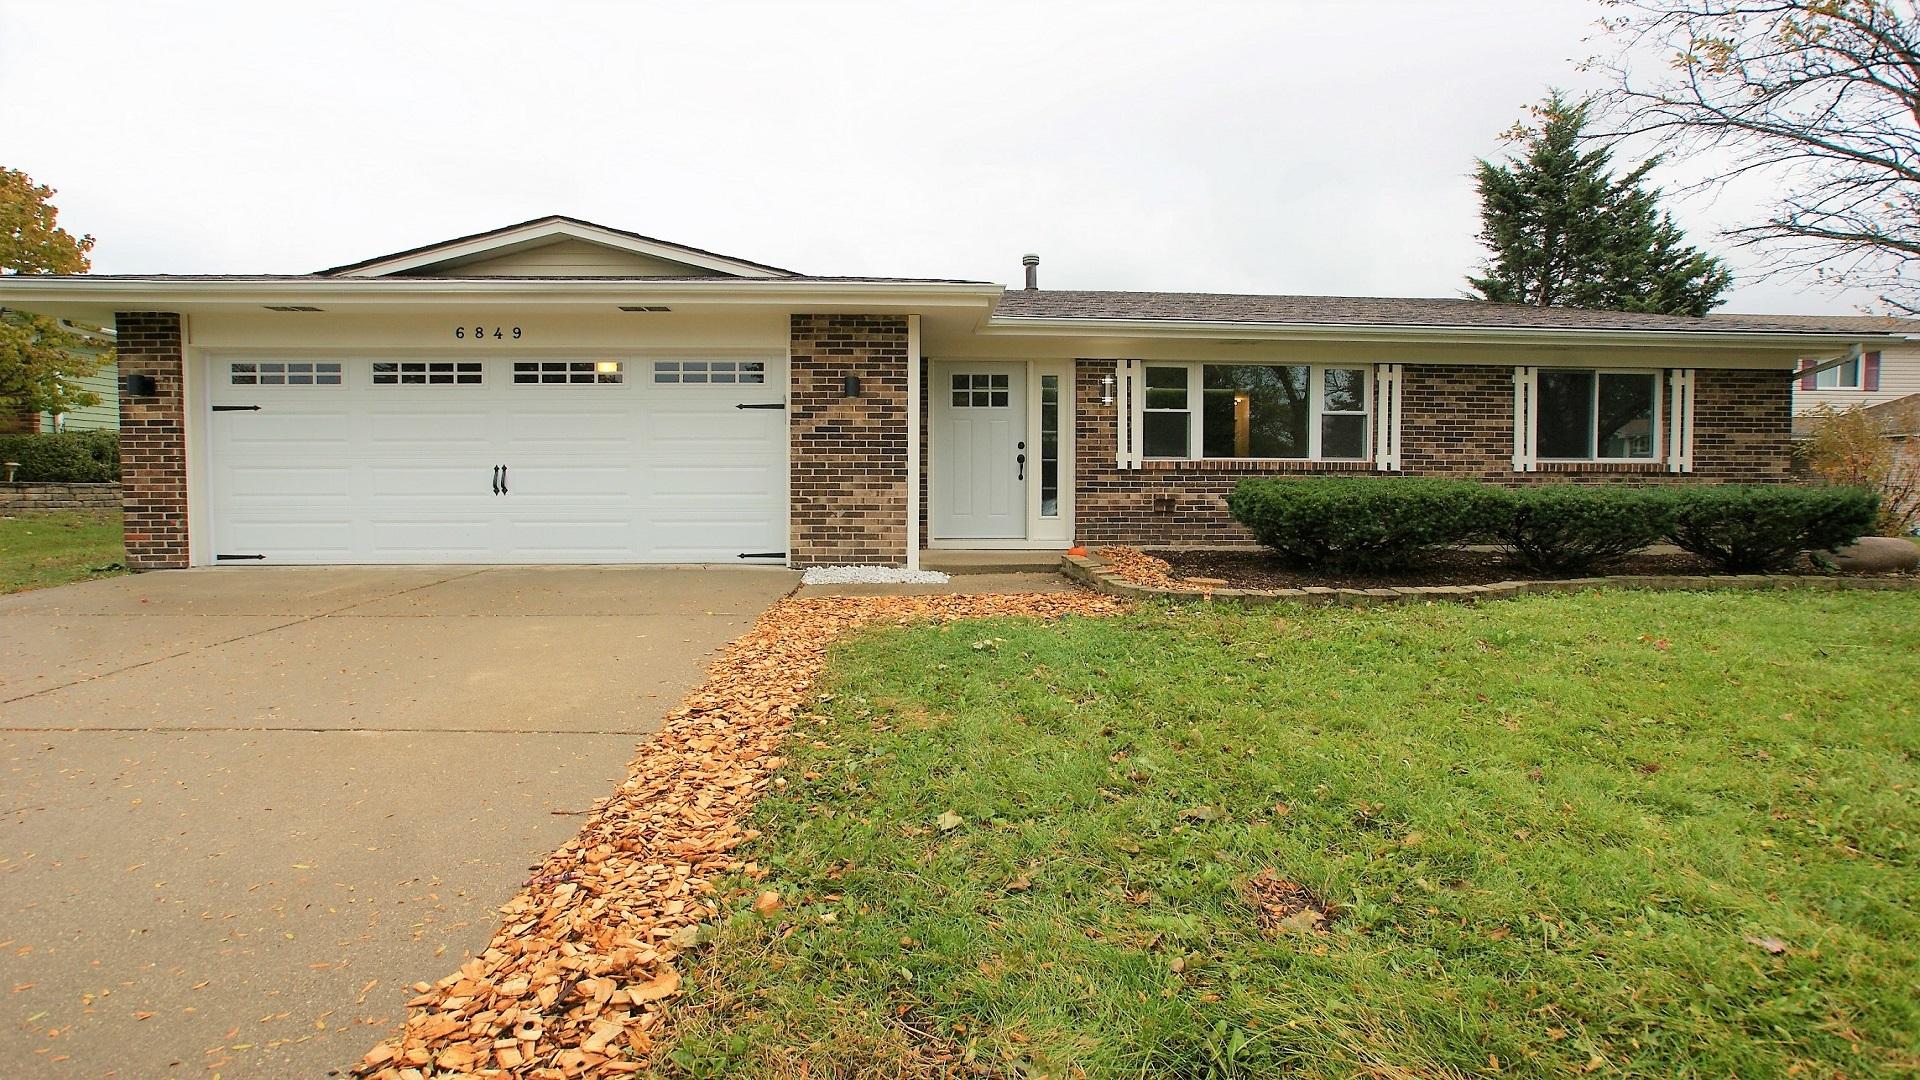 6849 Eastside ,Woodridge, Illinois 60517